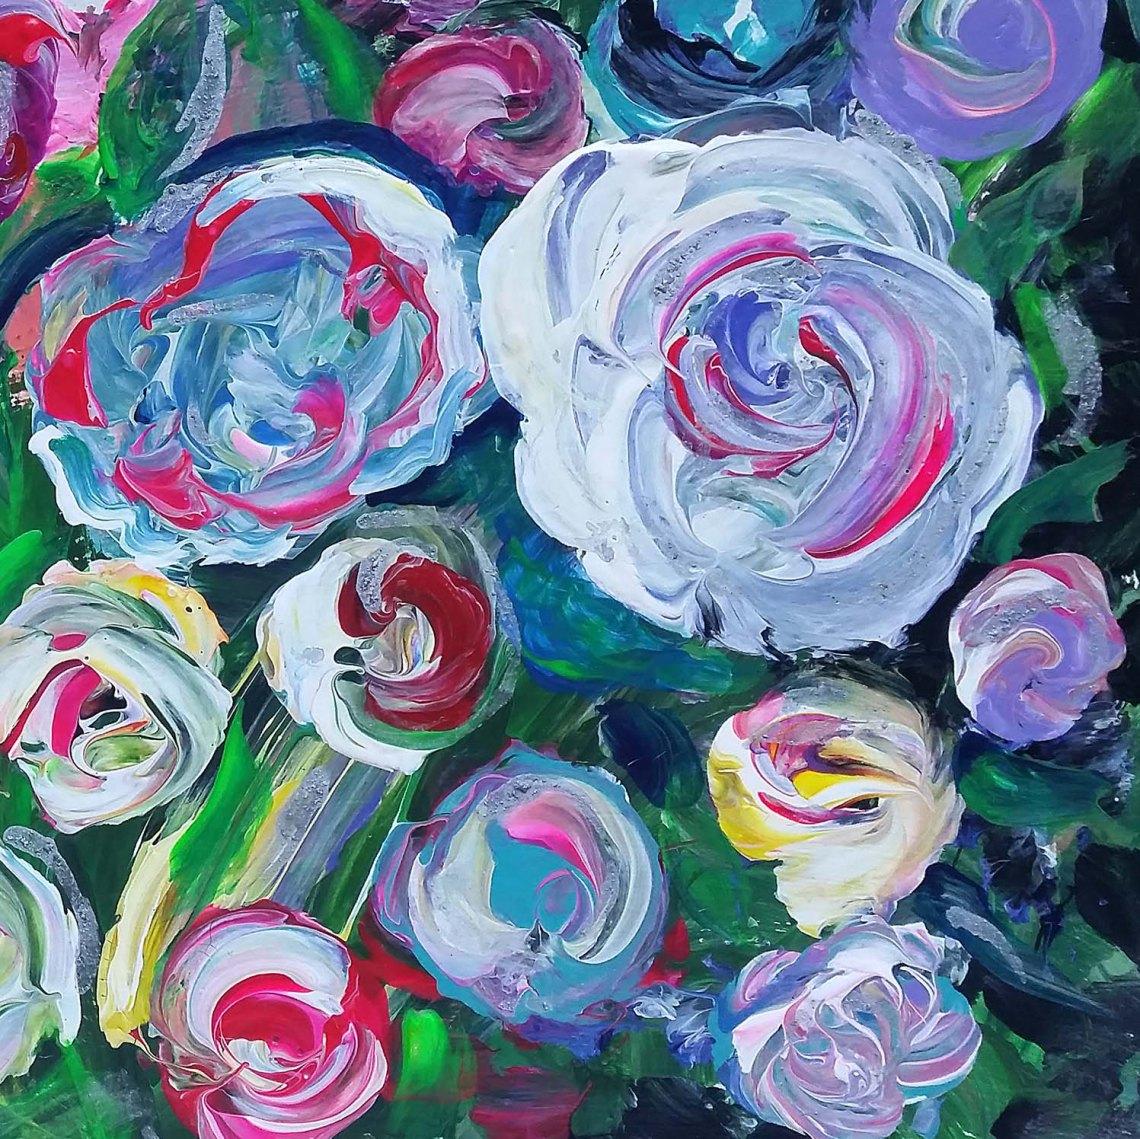 bowl of roses2